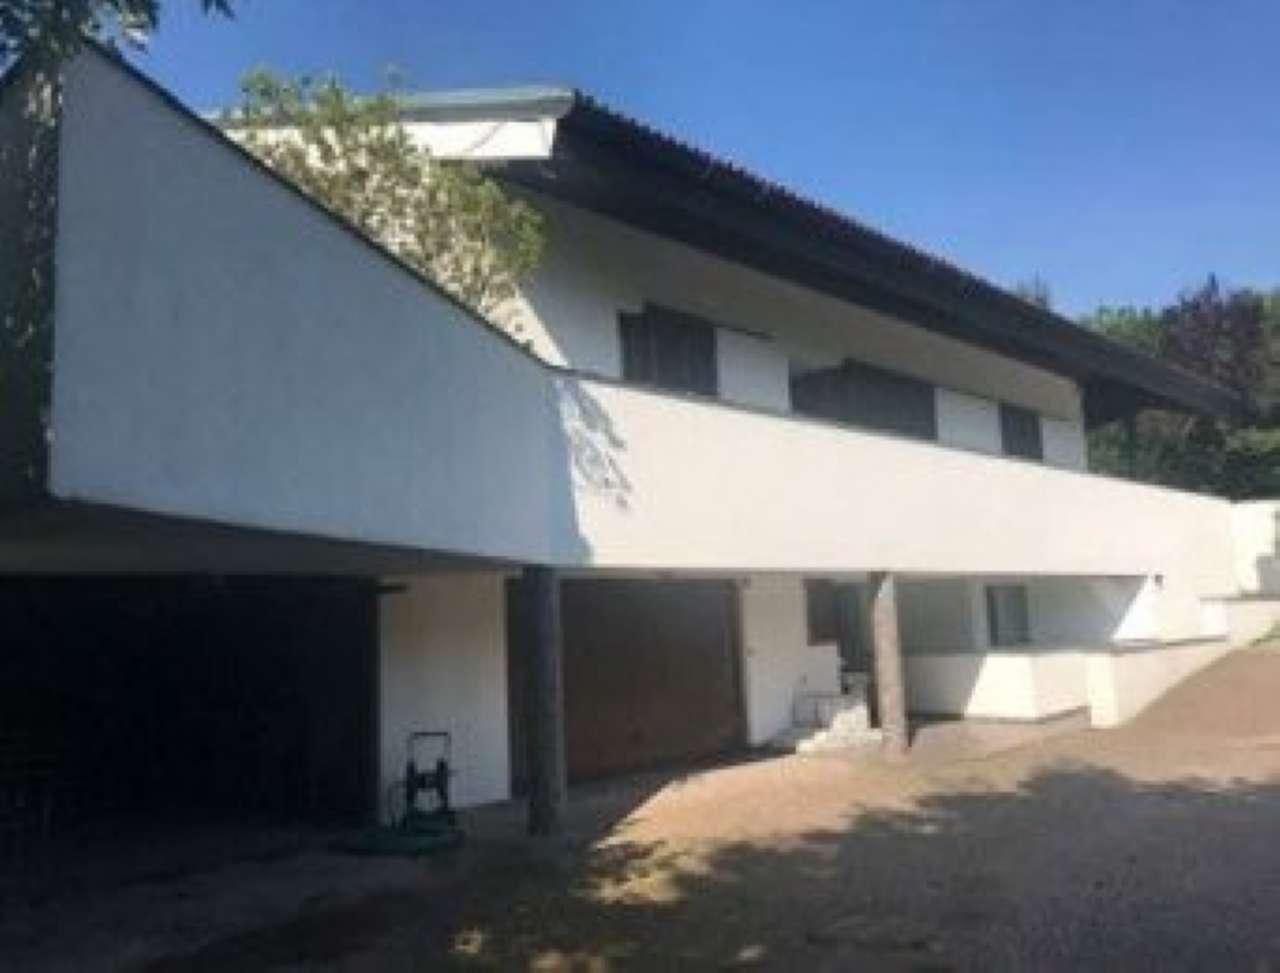 Villa in vendita a Caprino Bergamasco, 7 locali, prezzo € 652.545 | PortaleAgenzieImmobiliari.it